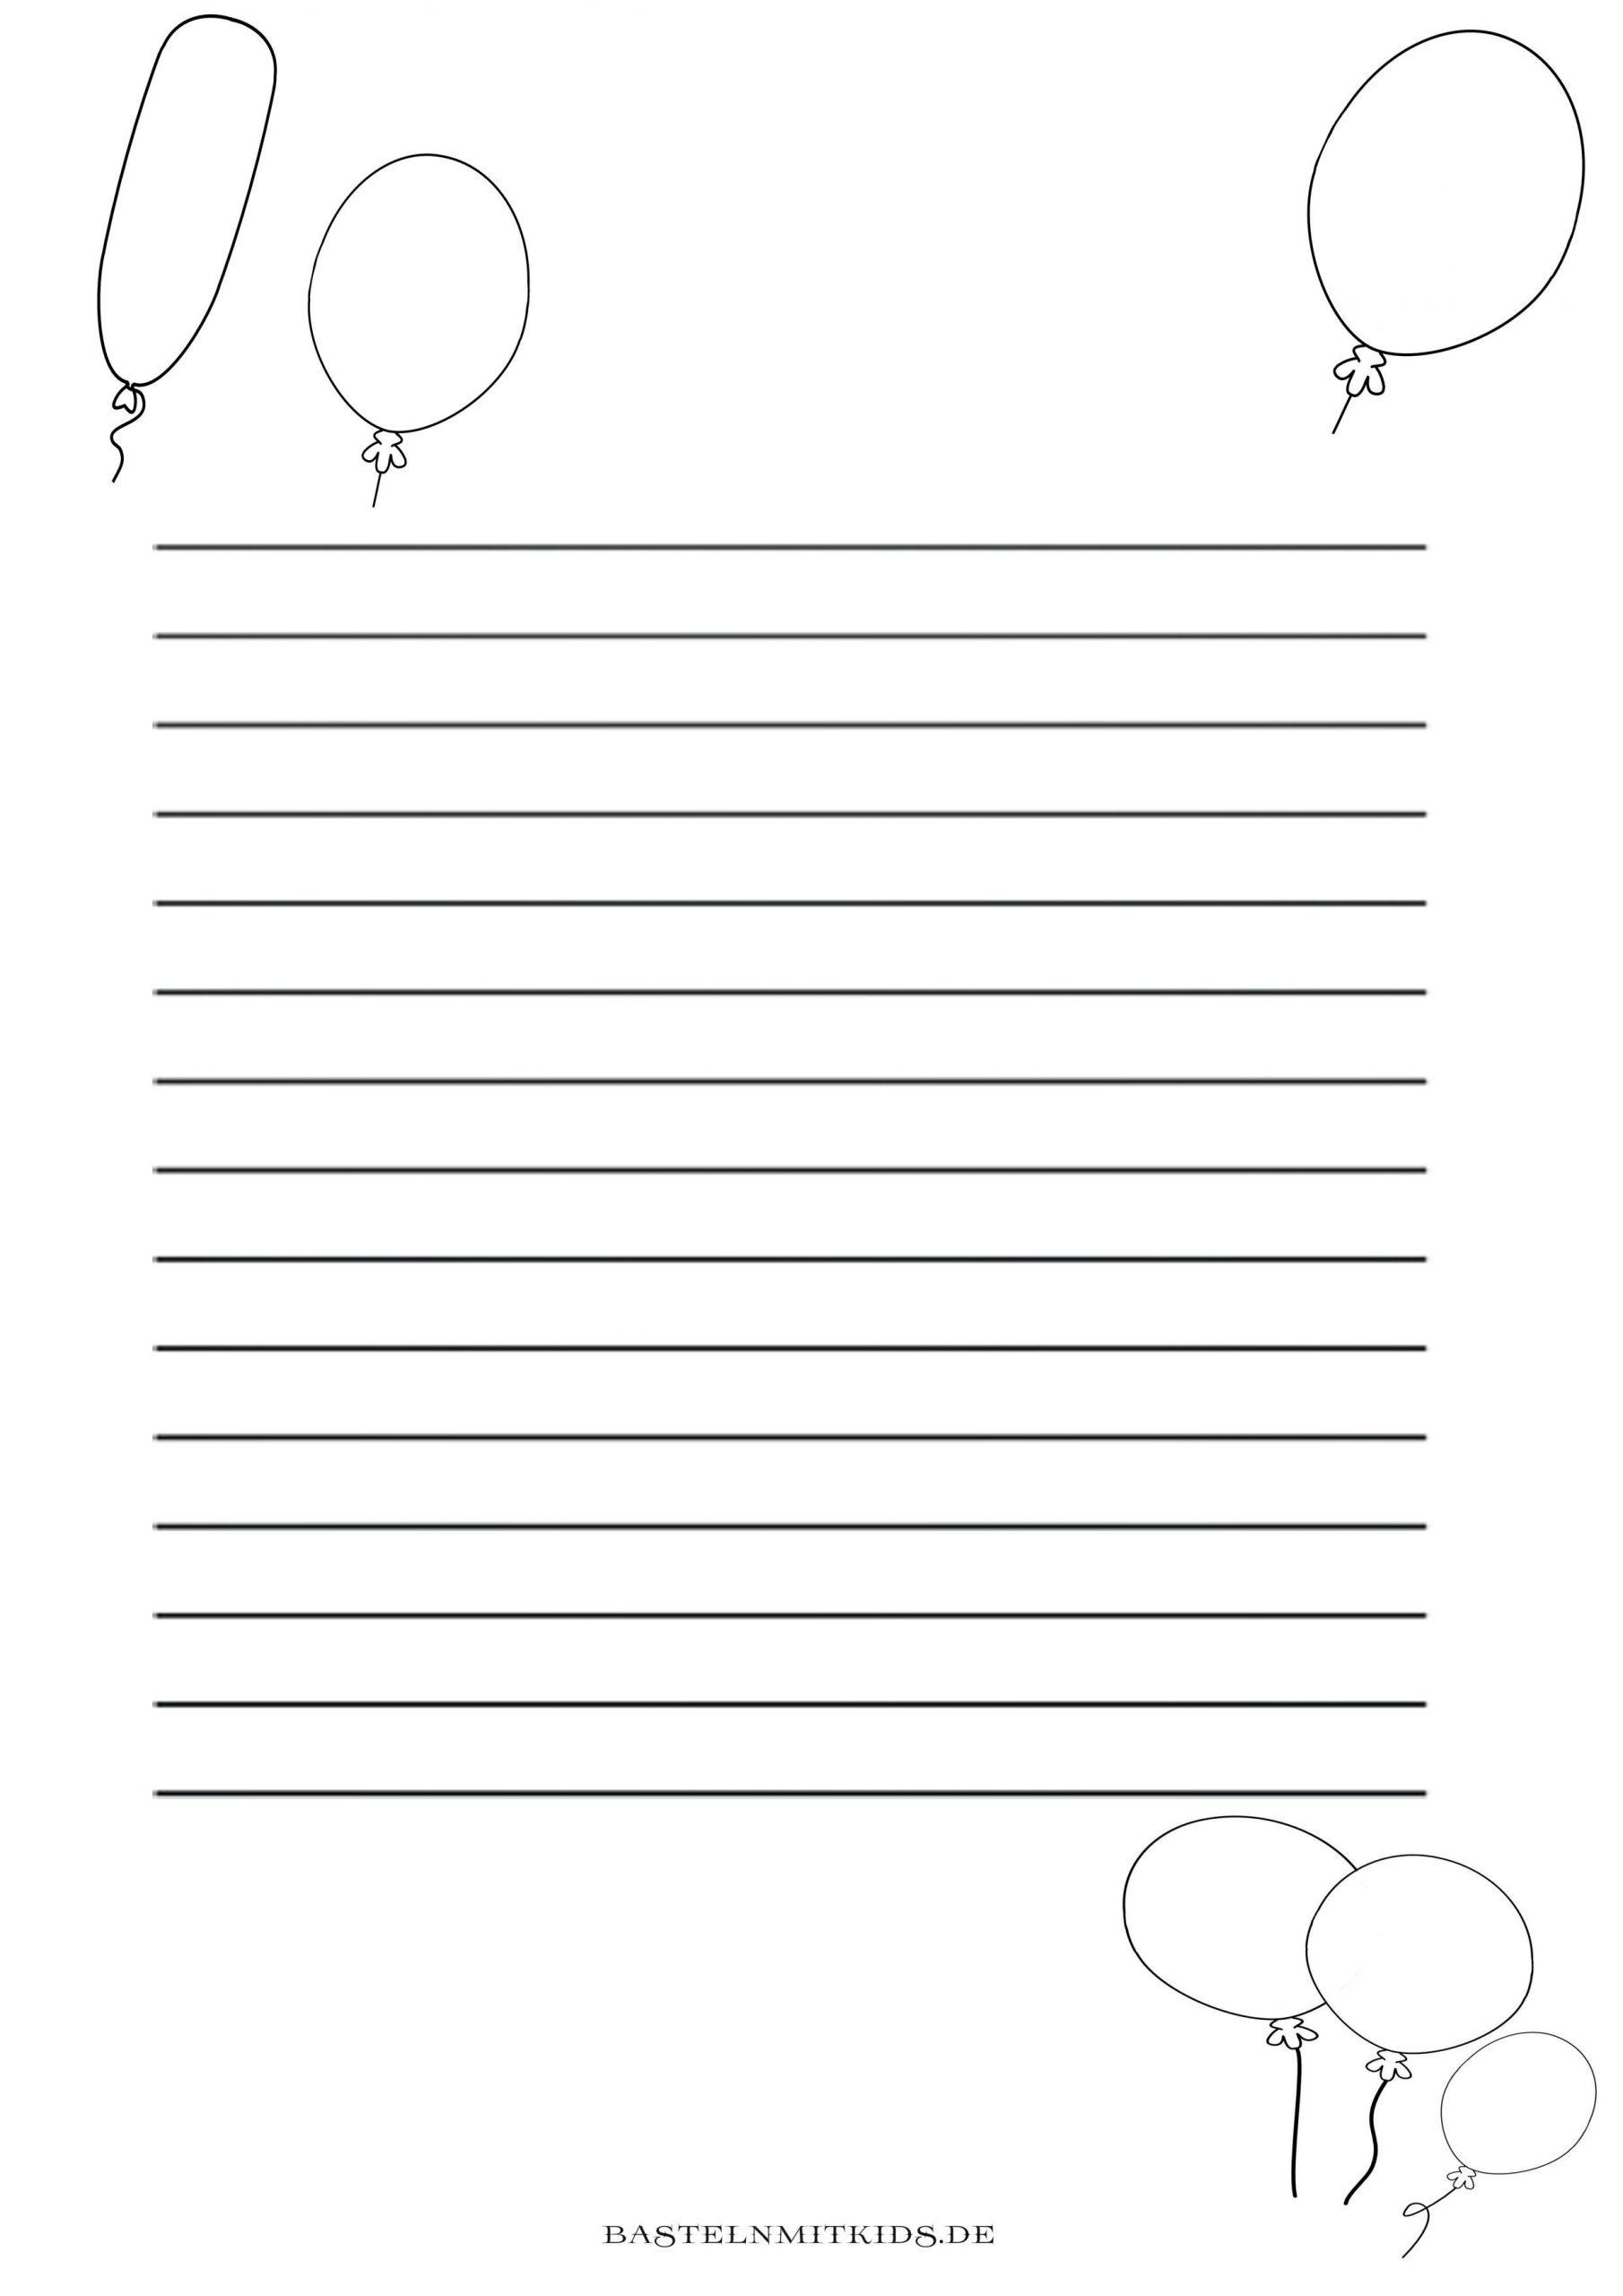 Malvorlagen Und Briefpapier Gratis Zum Drucken - Basteln Mit ganzes Briefpapier Drucken Kostenlos Ausdrucken